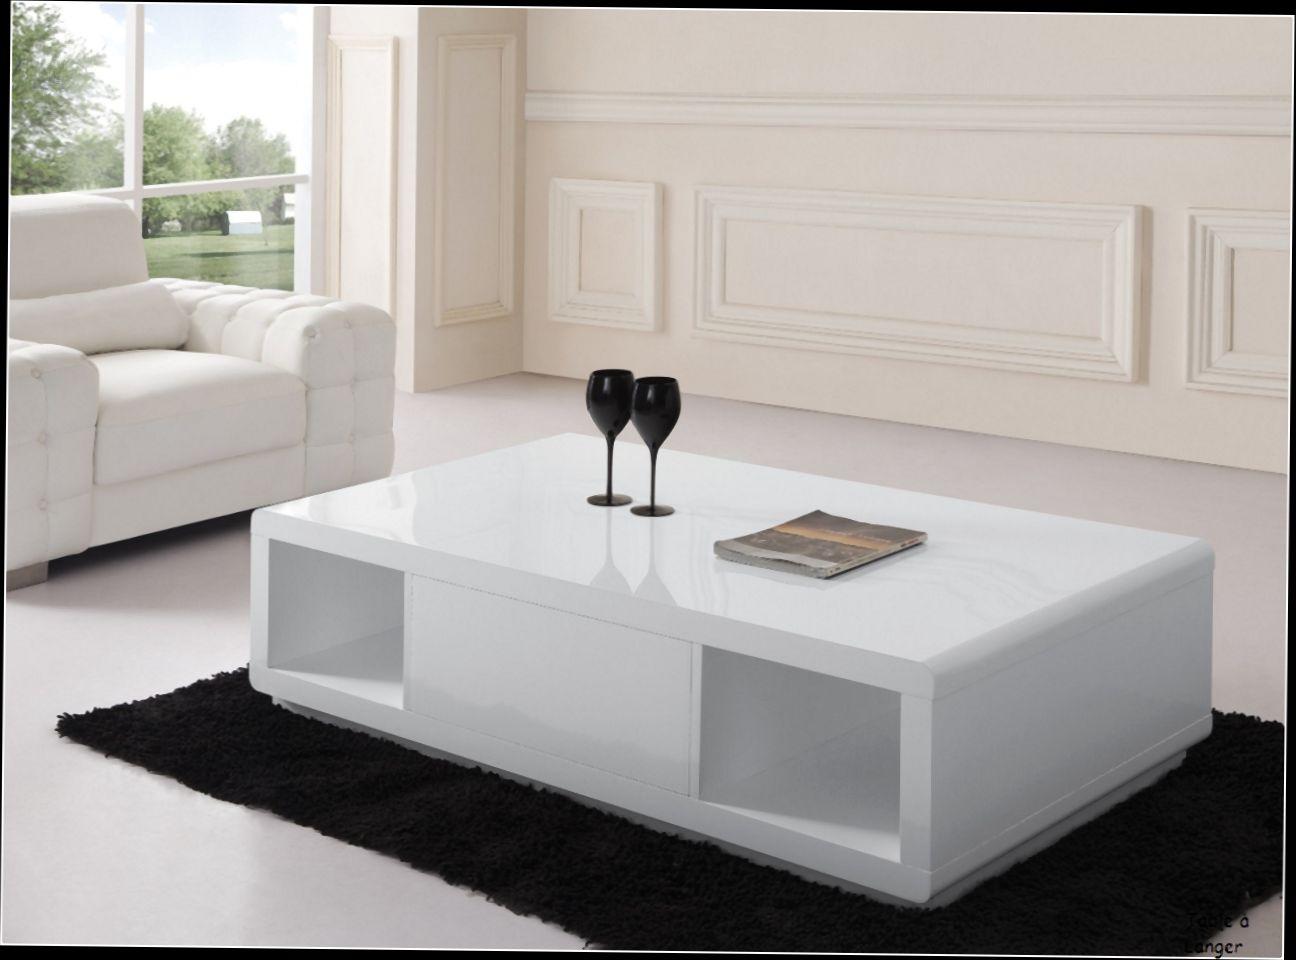 table basse relevable avec tiroir emberizaone fr